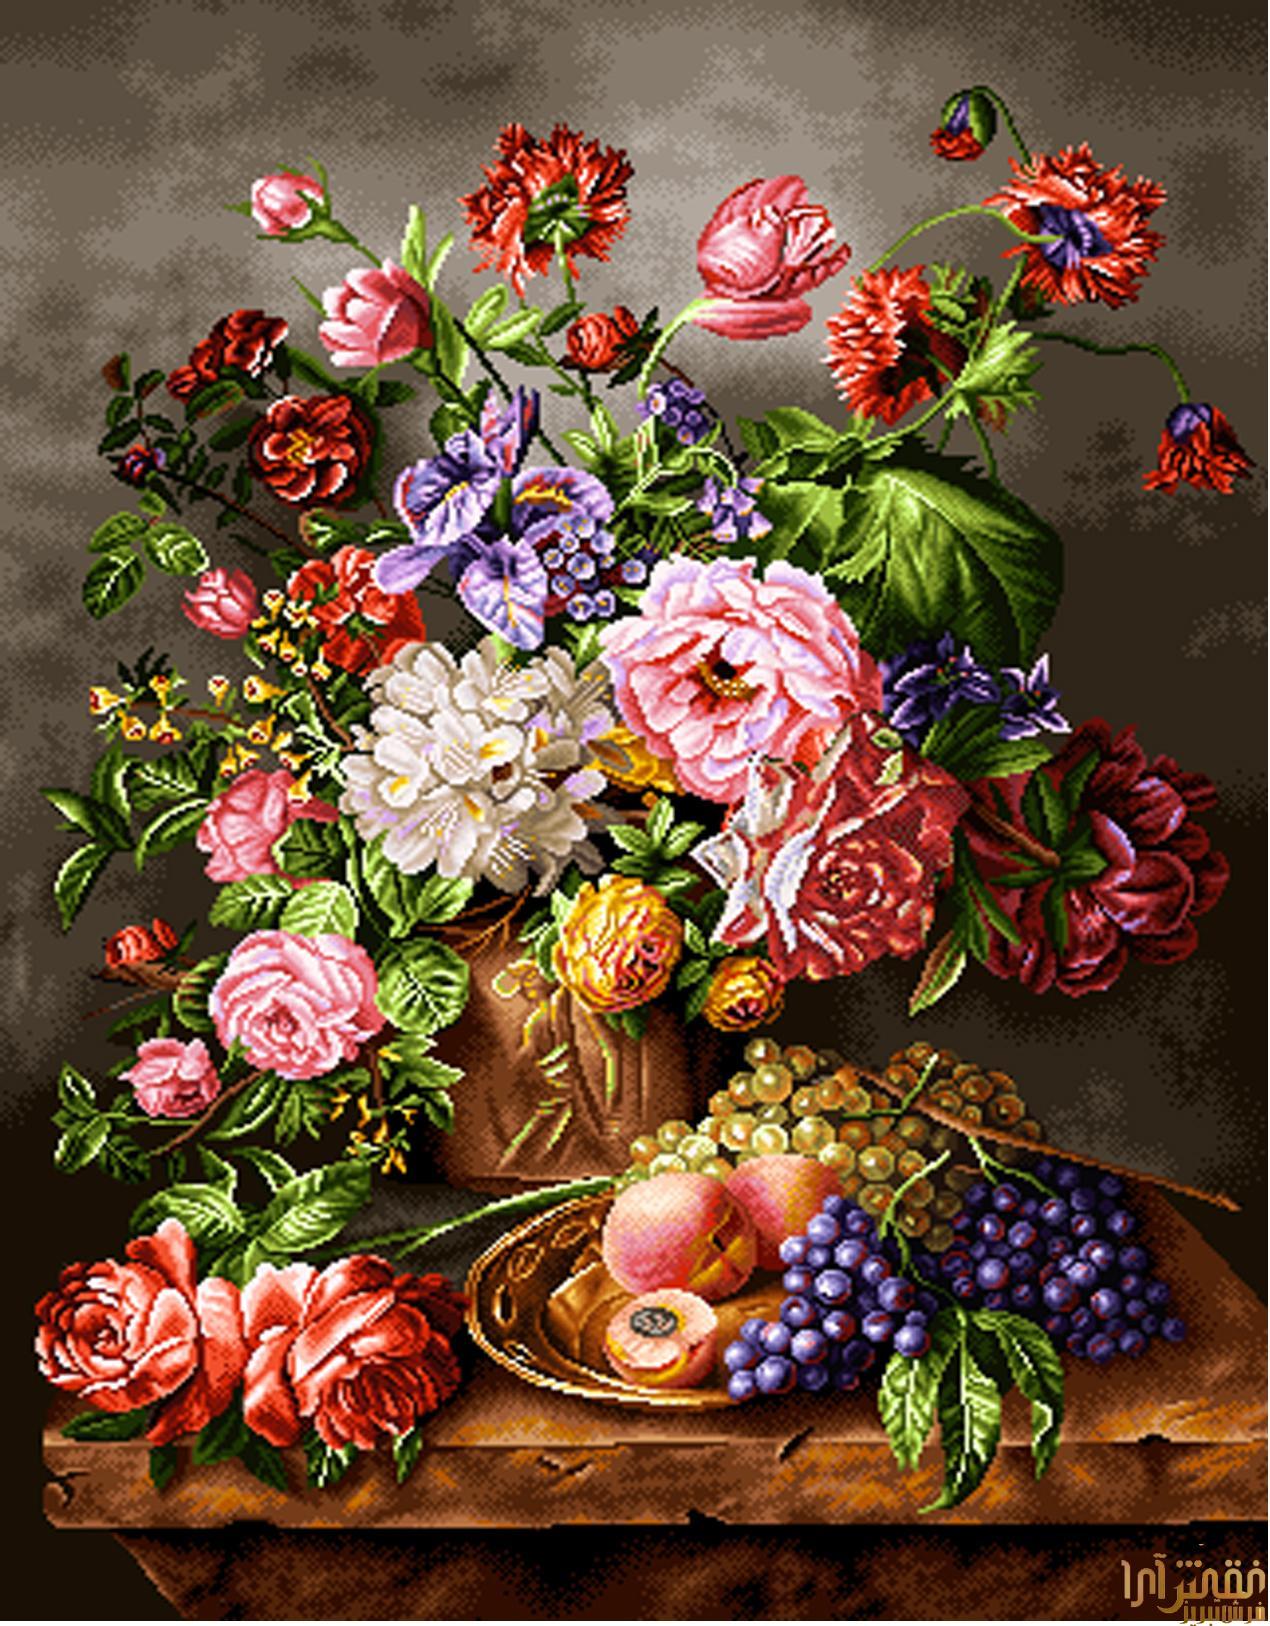 نام طرح : گل و گلدان - كد D313